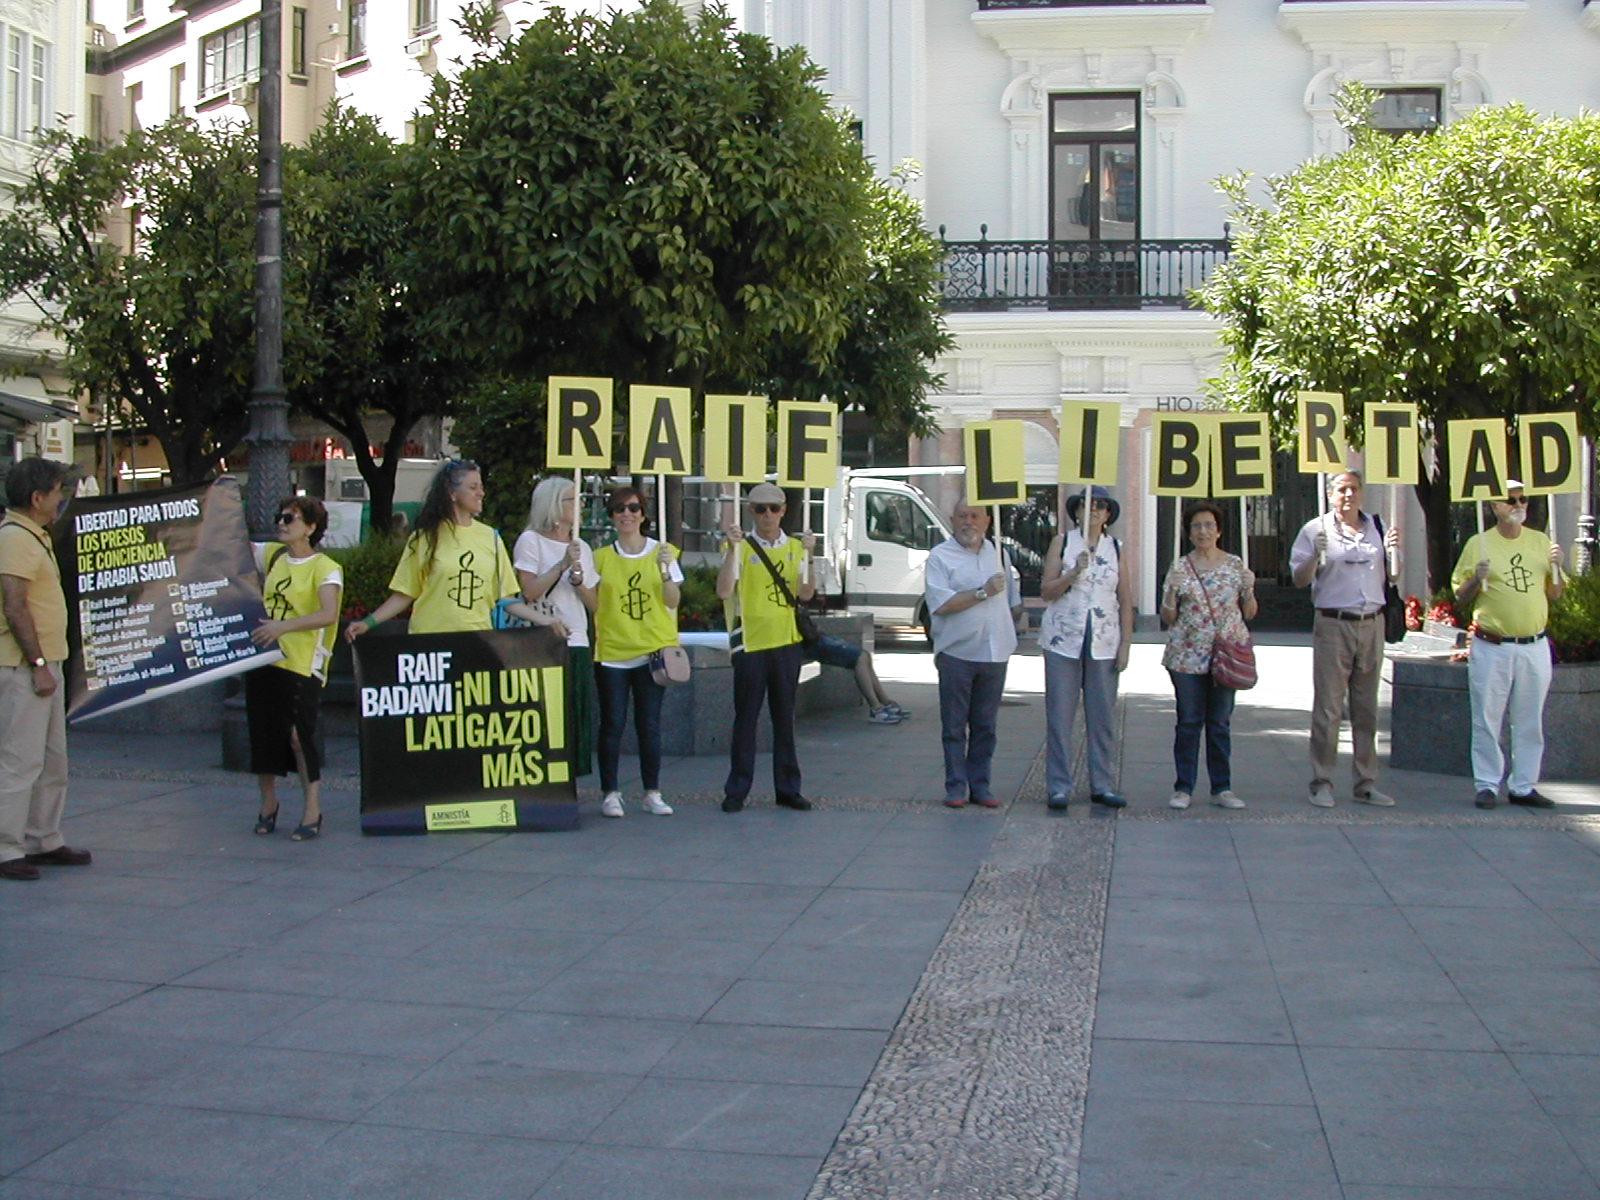 Córdoba-Concentración por Raif Badawi